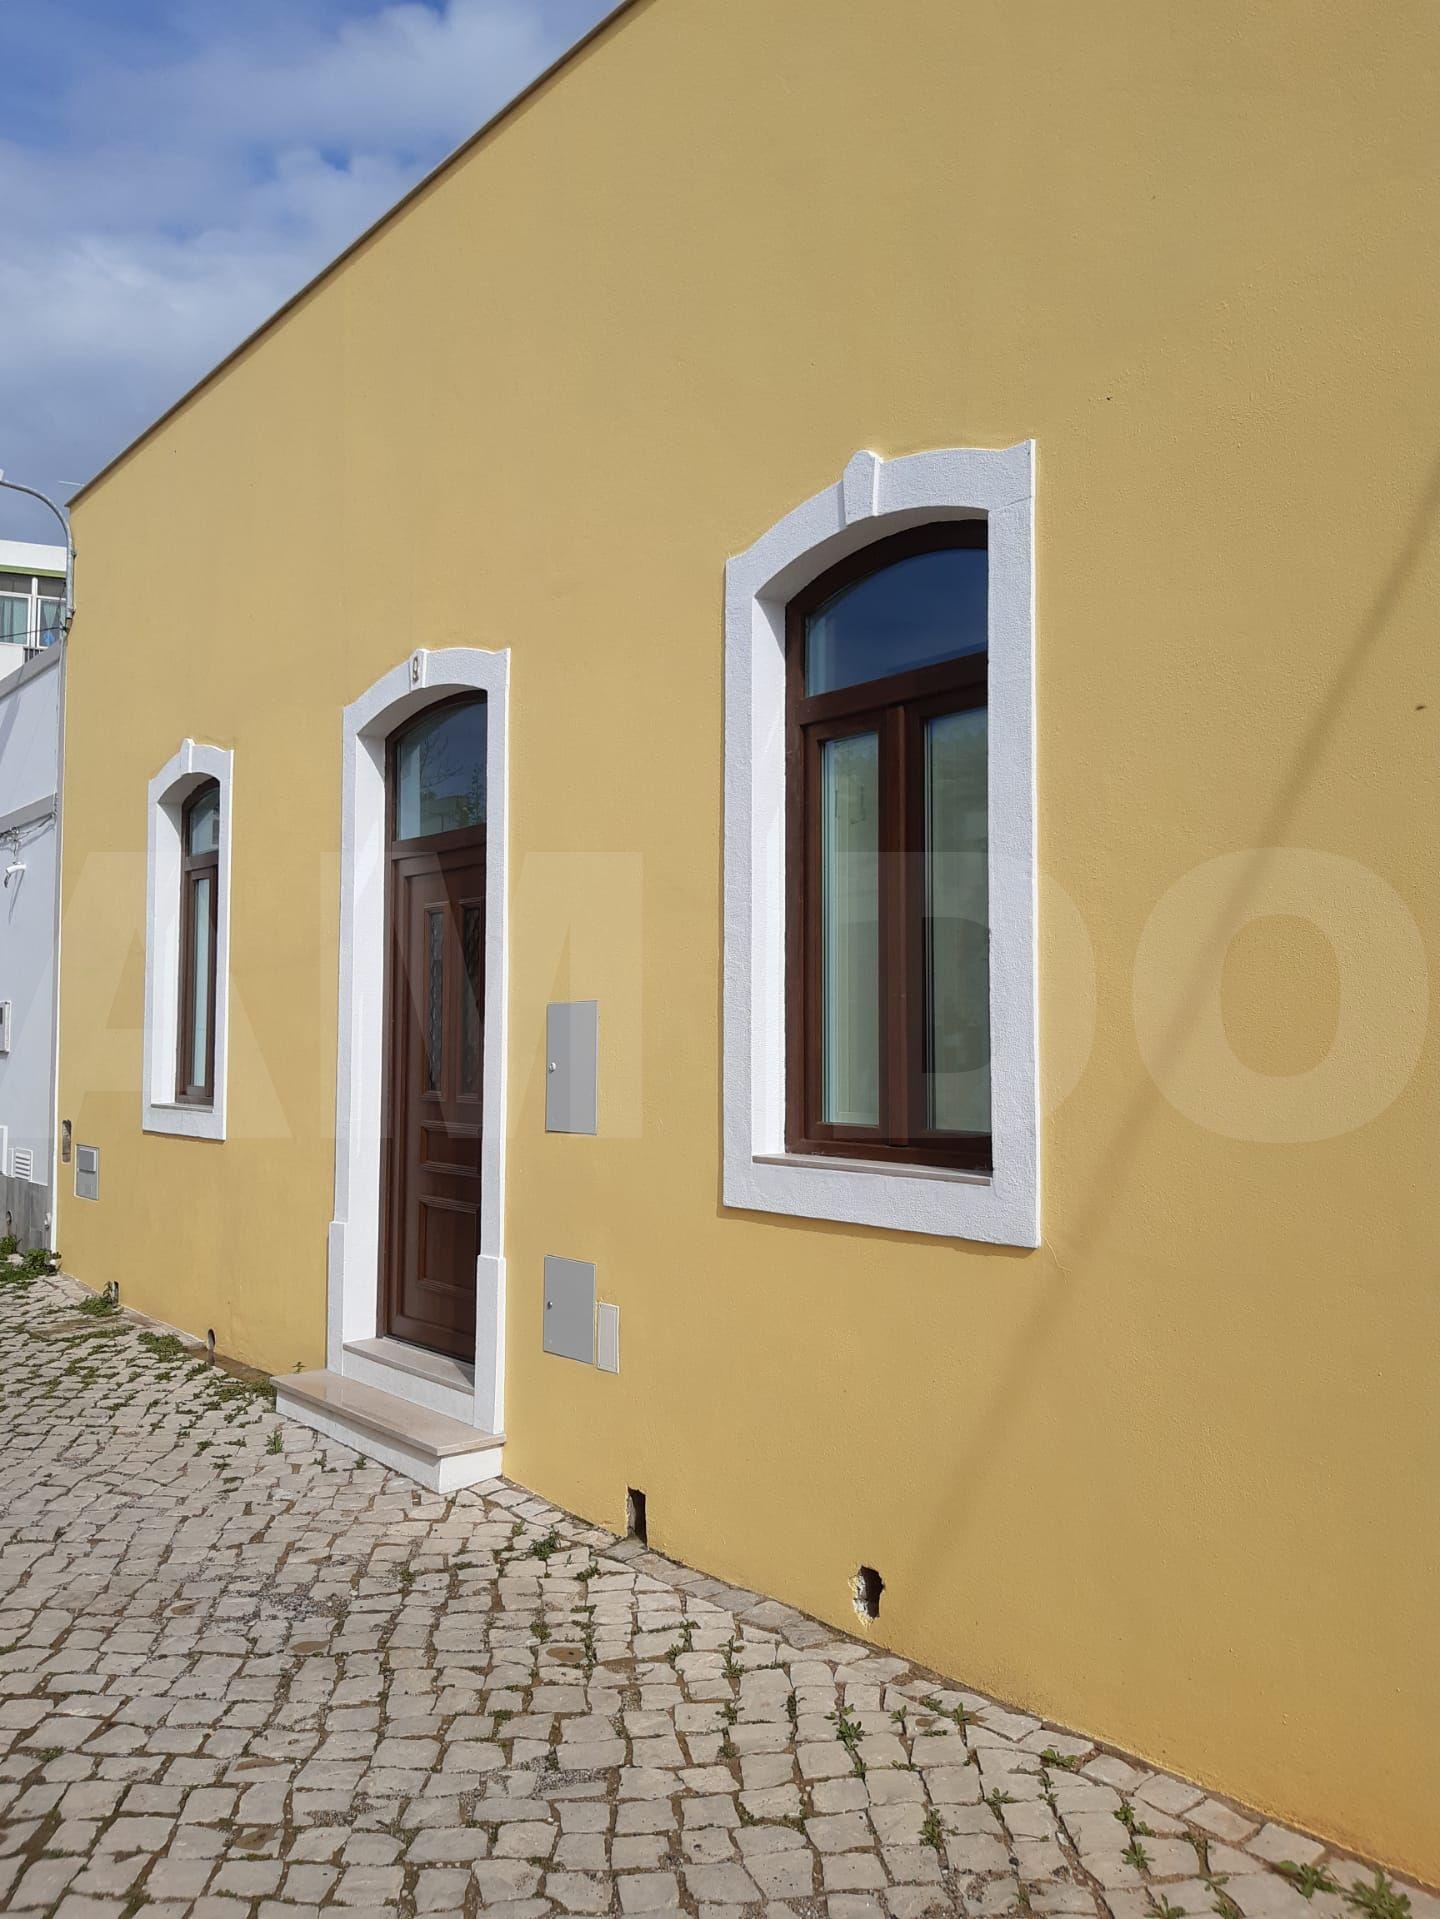 Casa em fase de restauro com 3 quartos – Loulé